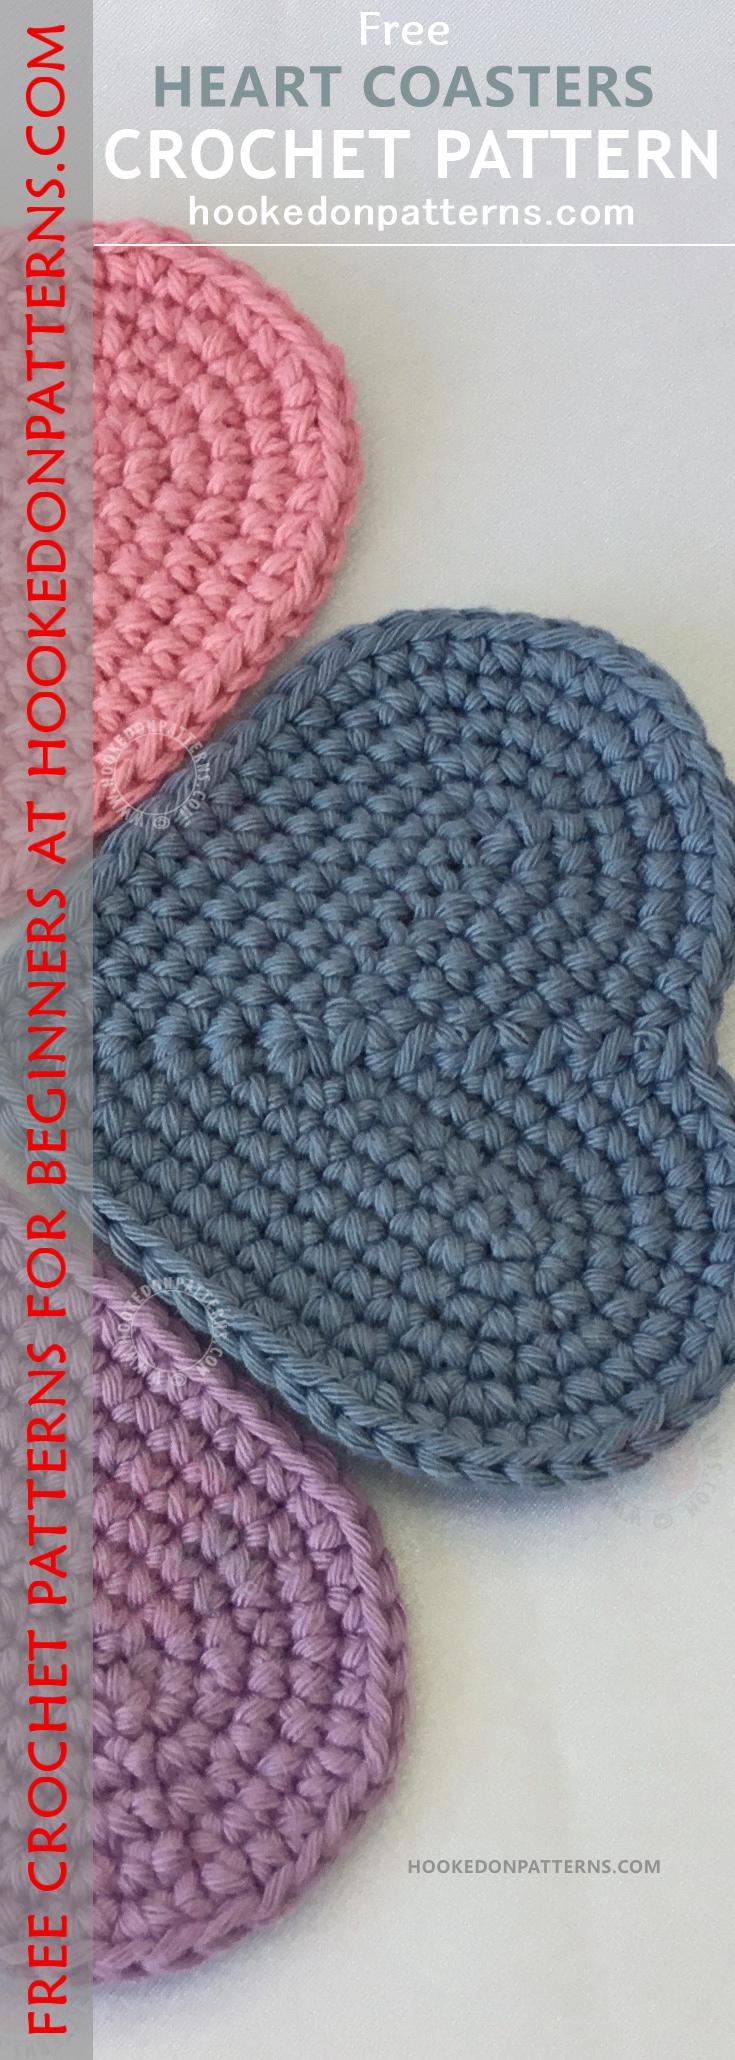 Free Heart Coaster Crochet Pattern | Crochet coaster pattern ...